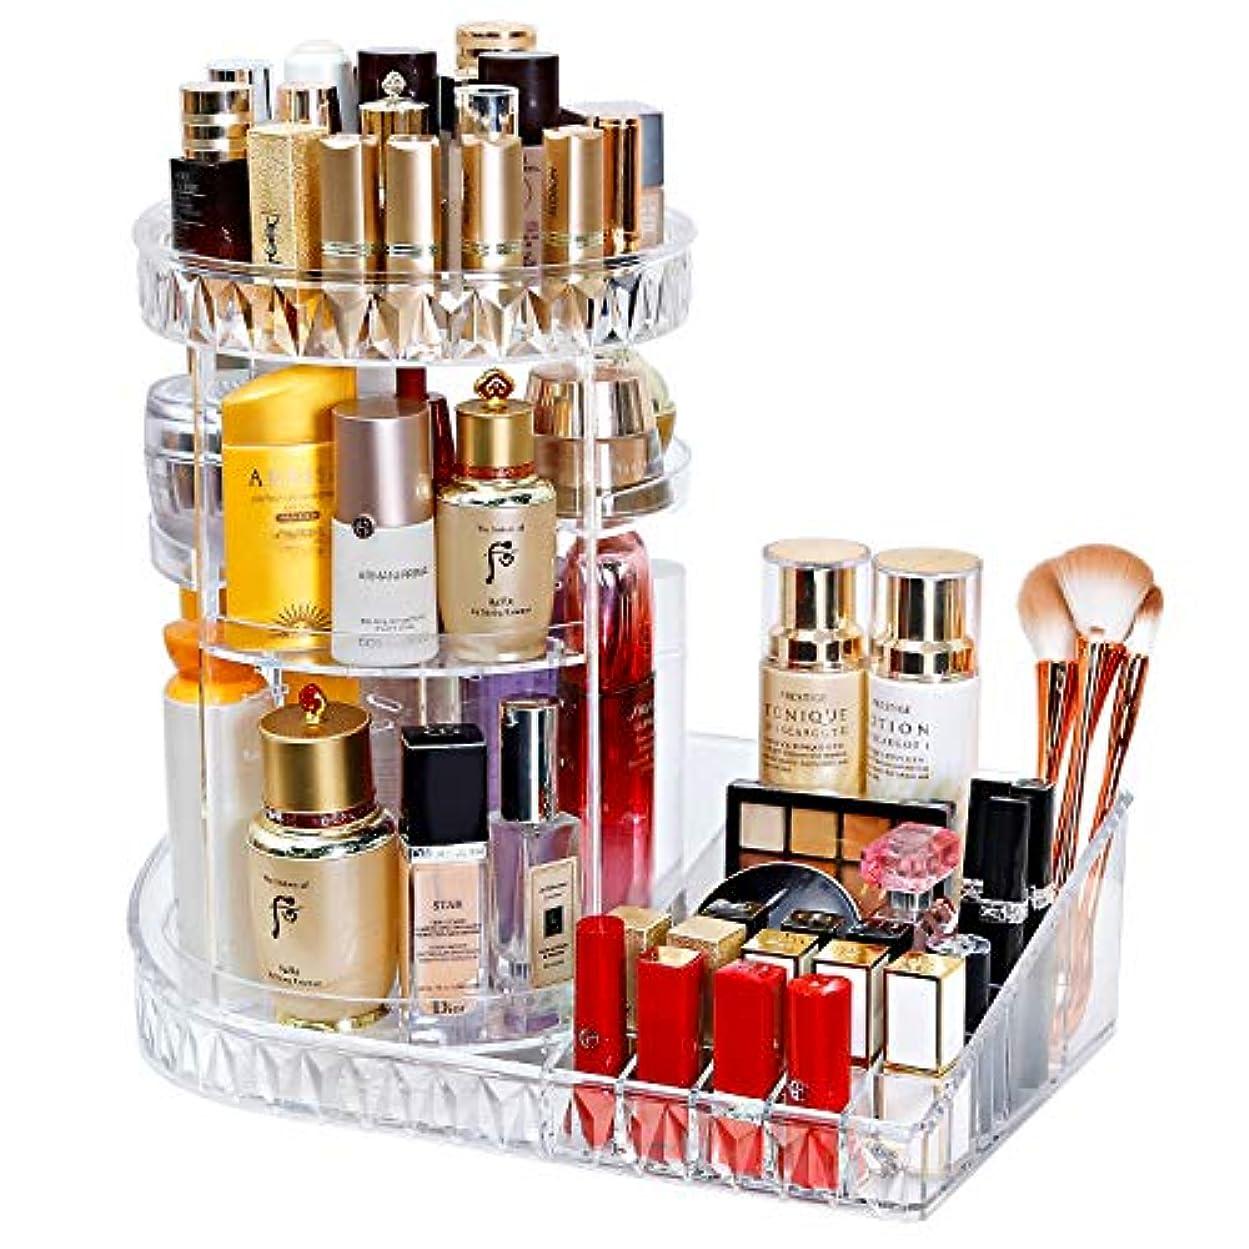 メロドラマティックラインリファイン化粧品収納ボックス コスメ収納 メイクボックス 360°回転式 大容量 高さ調整可能 リップスタンド 口紅 収納 香水入れ 透明ケース 取り組み簡単 2イン1 L型デザイン